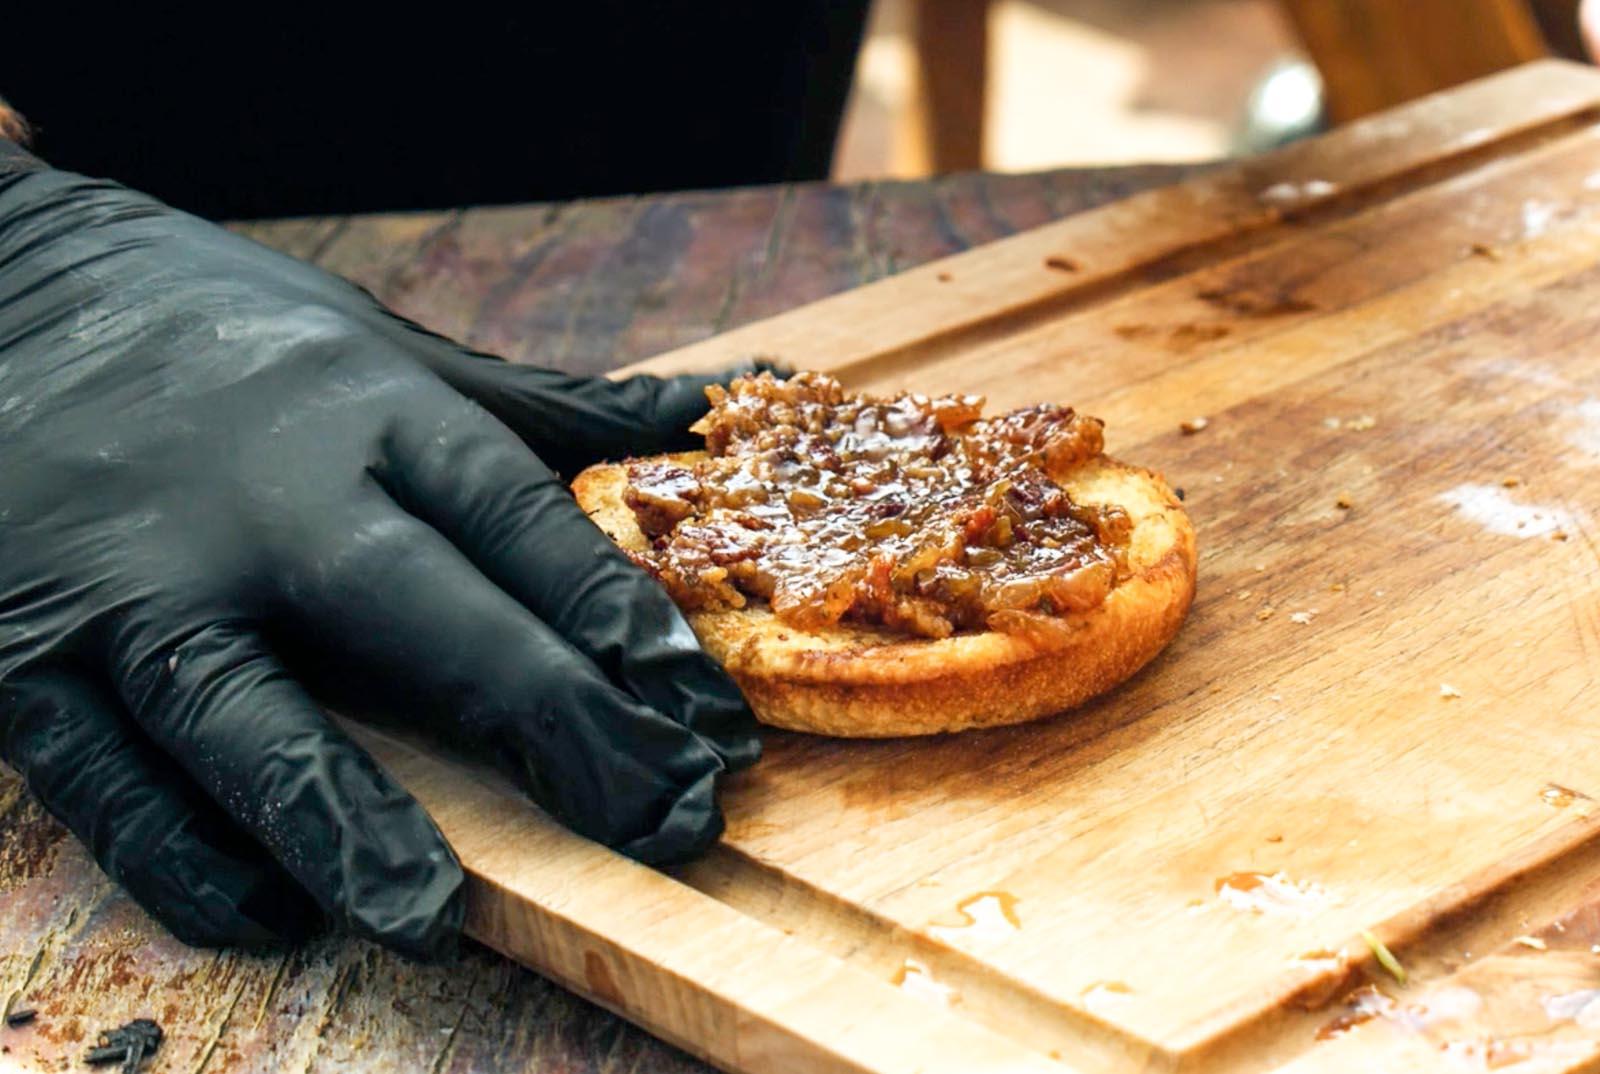 Bacon bourbon jam spread on a toasted hamburger bun